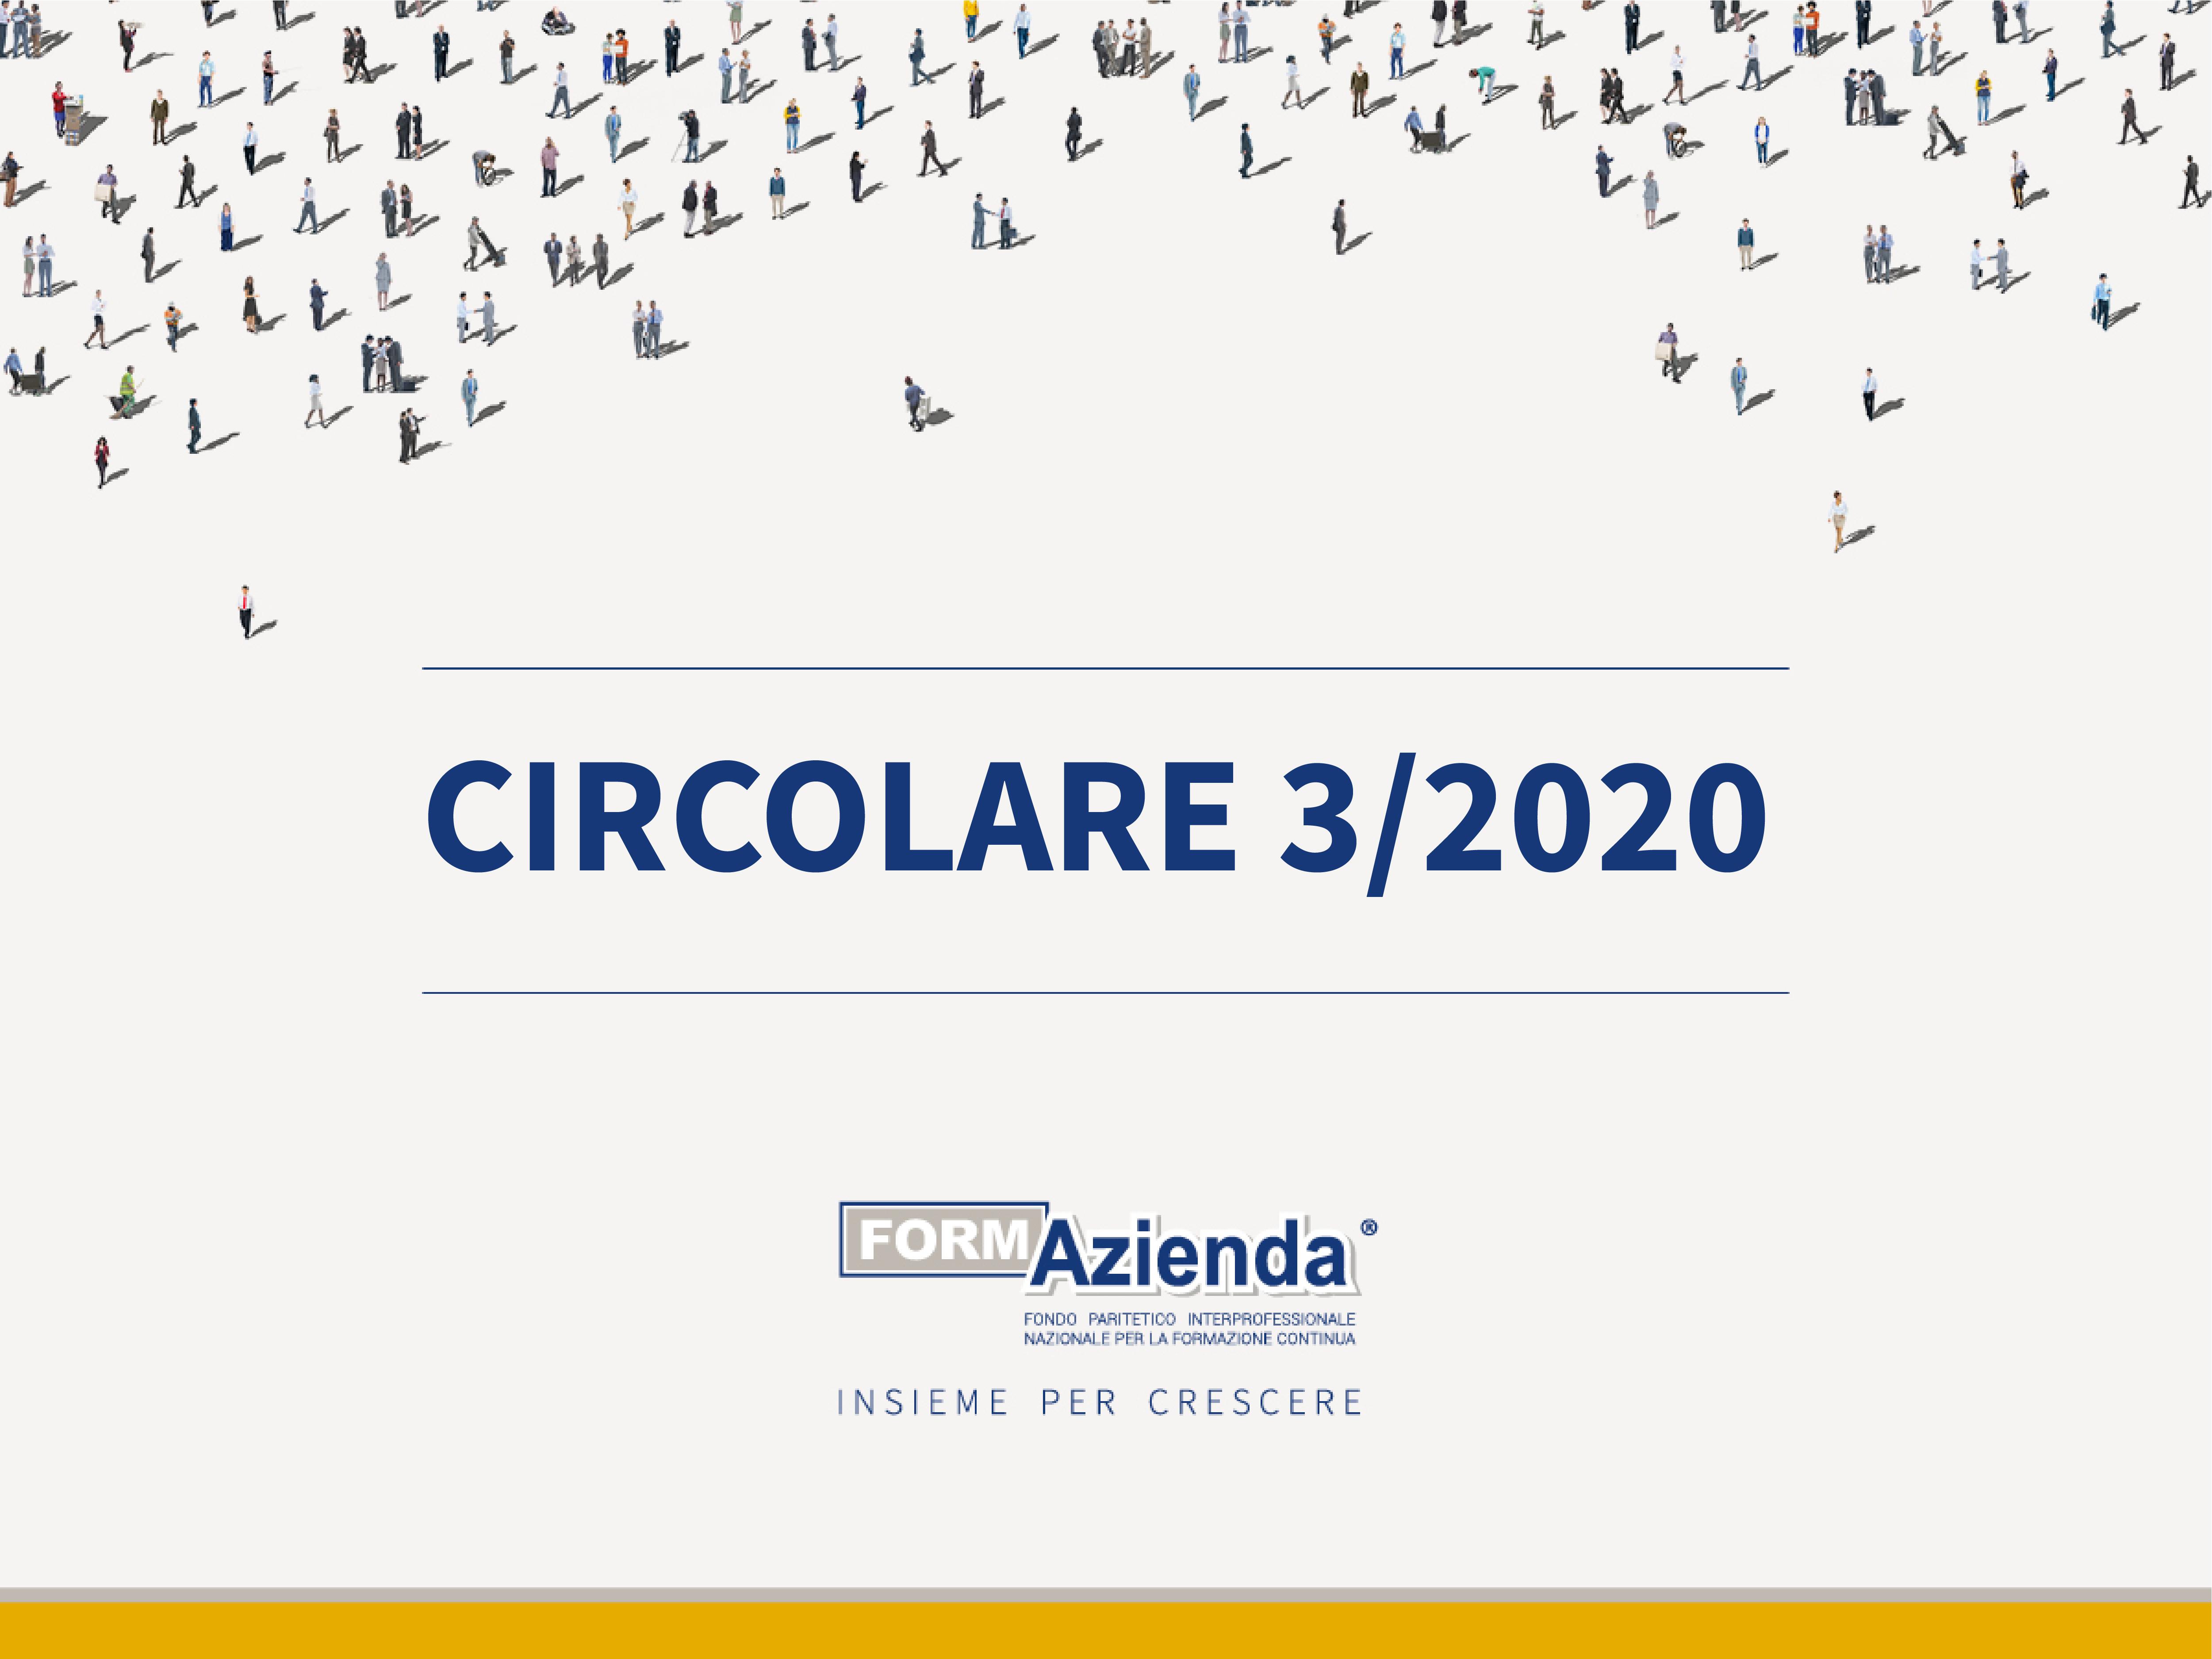 CIRCOLARE 3 – INFORMAZIONI INTEGRATIVE E NOMINA REVISORI AVVISI 1-5/2019